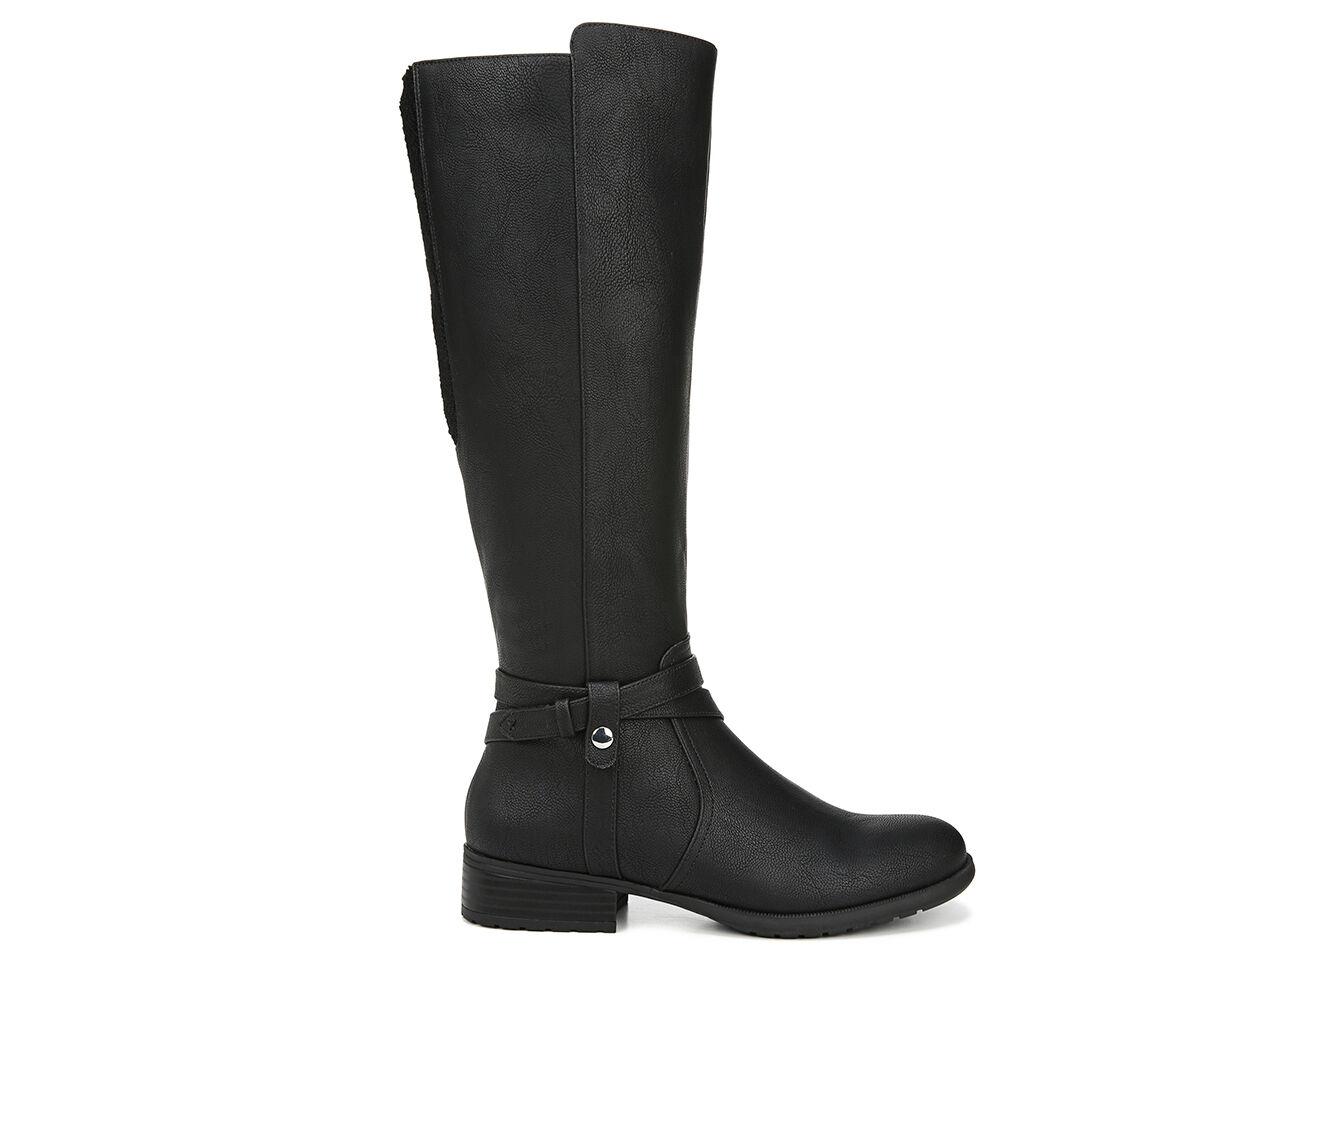 Women's LifeStride Xtrovert Wide Calf Riding Boots Black